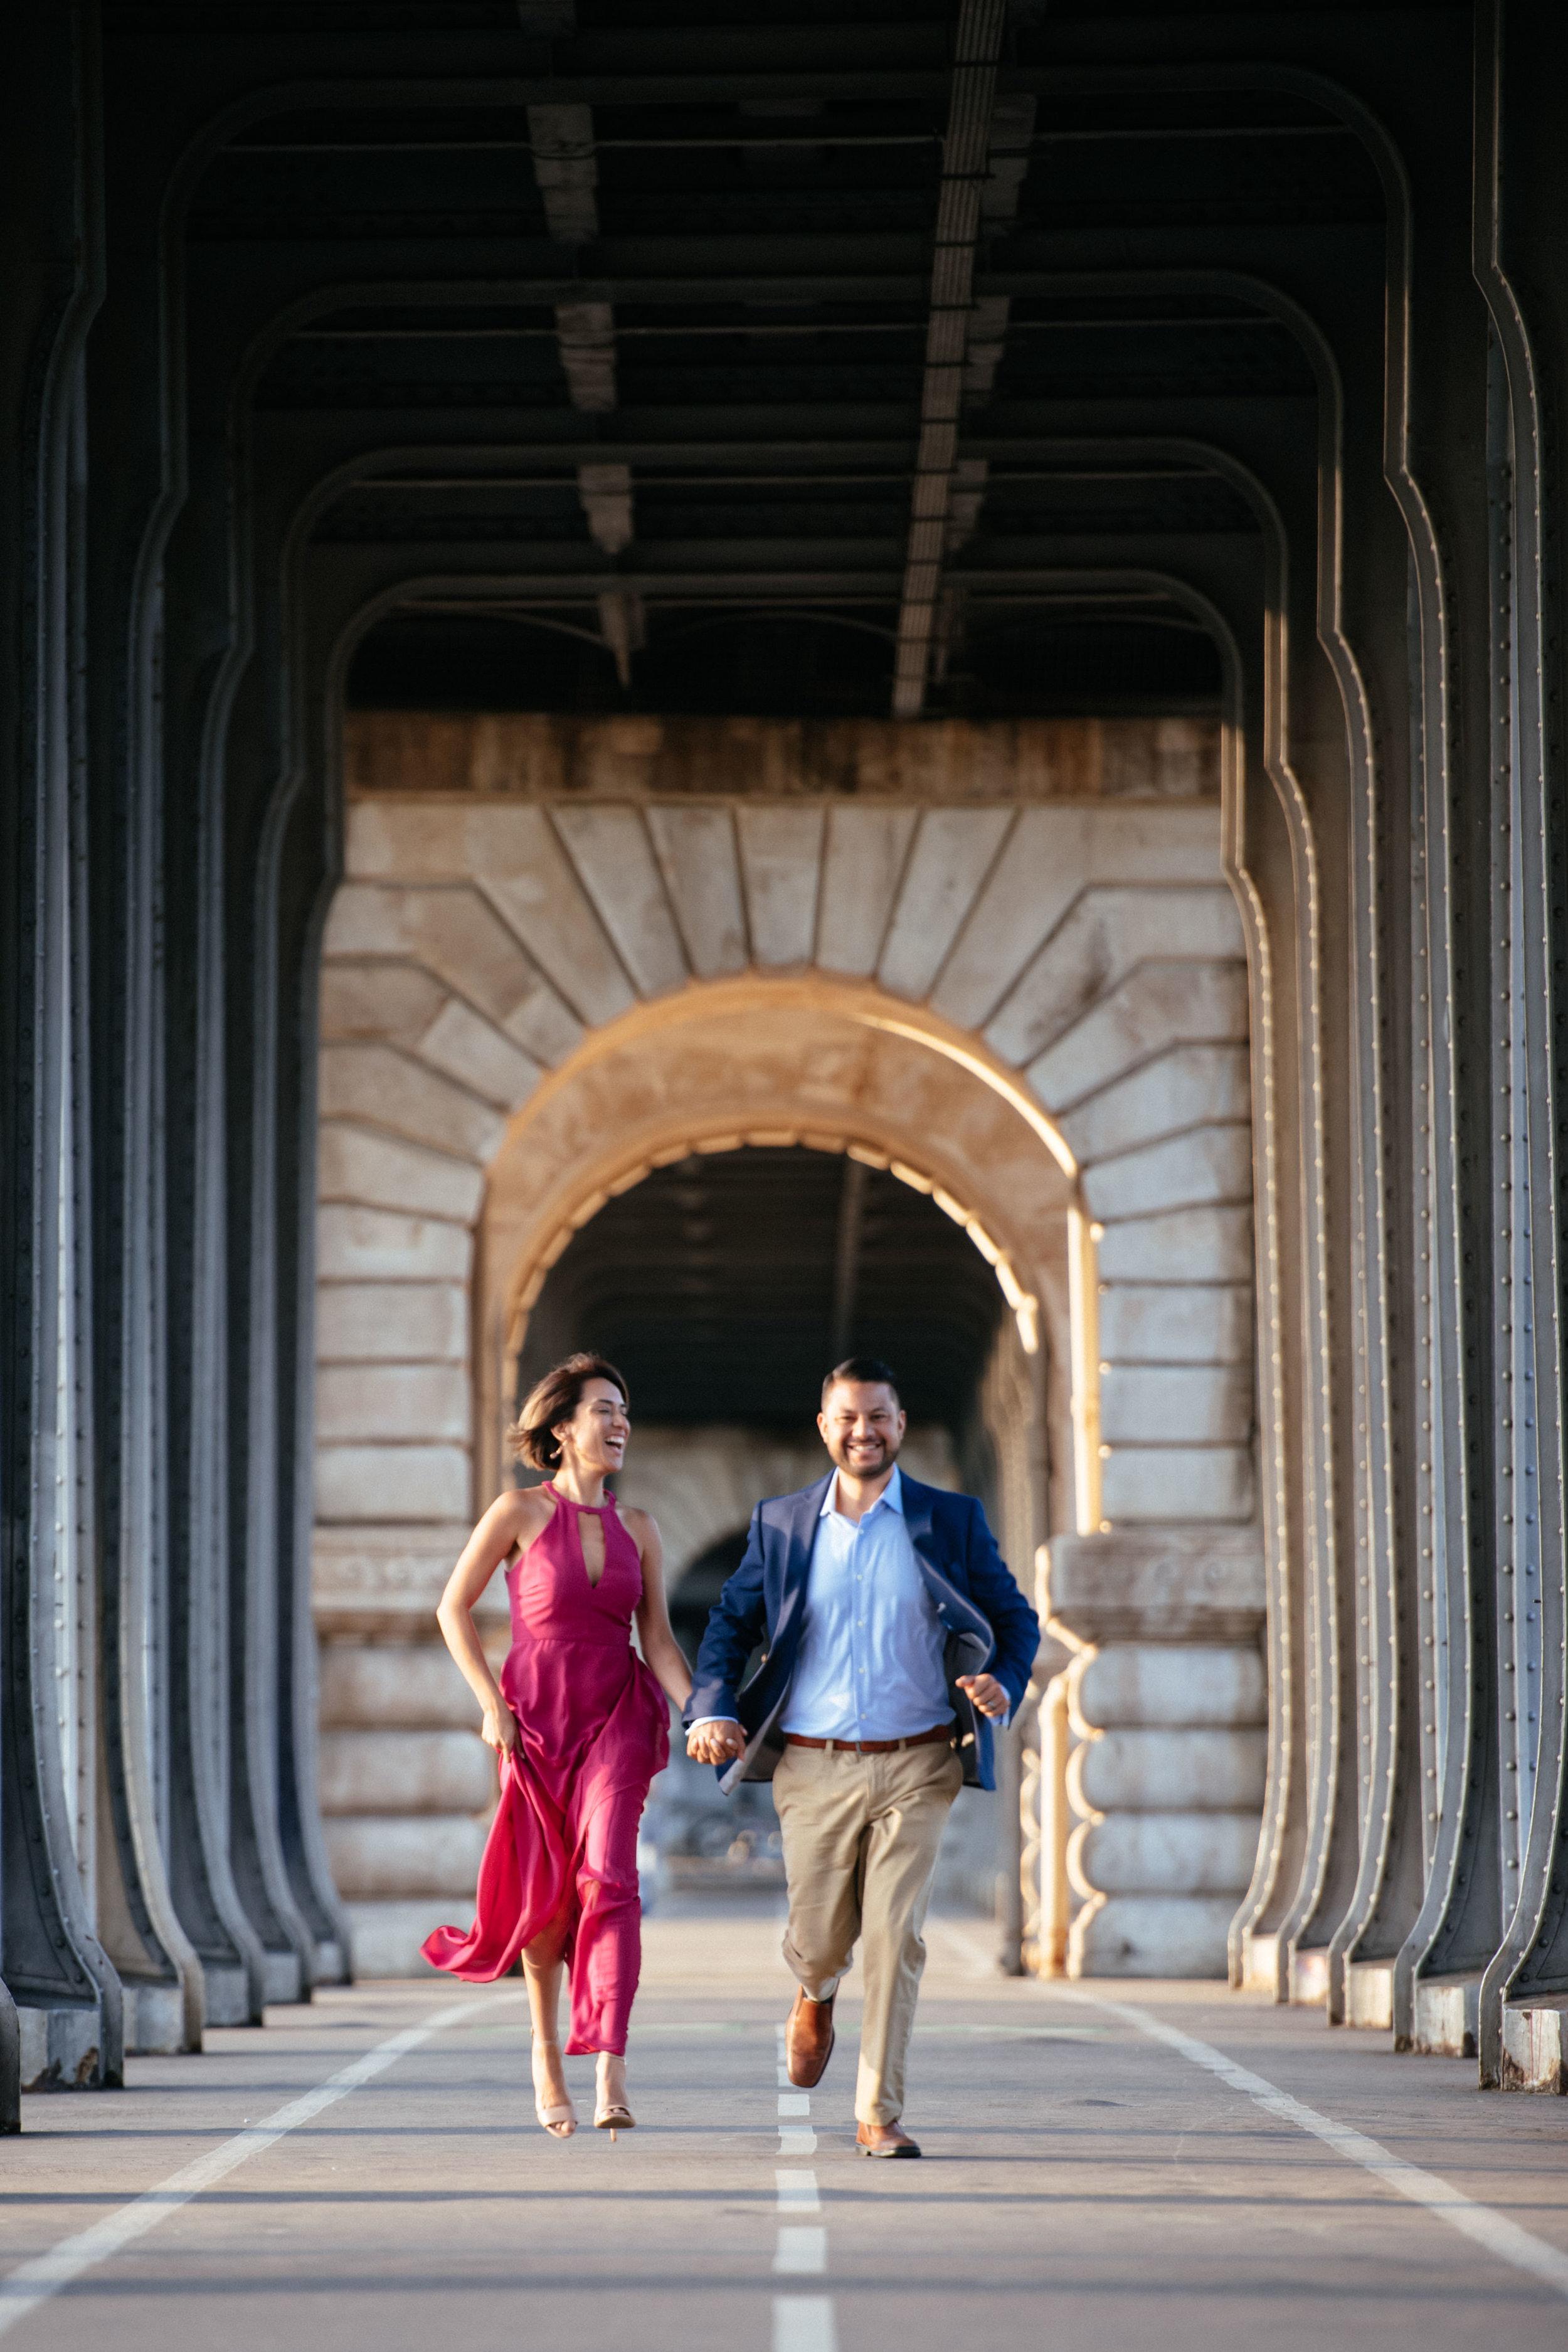 Paris Photoshoot at Pont de Bir Hakeim.jpg